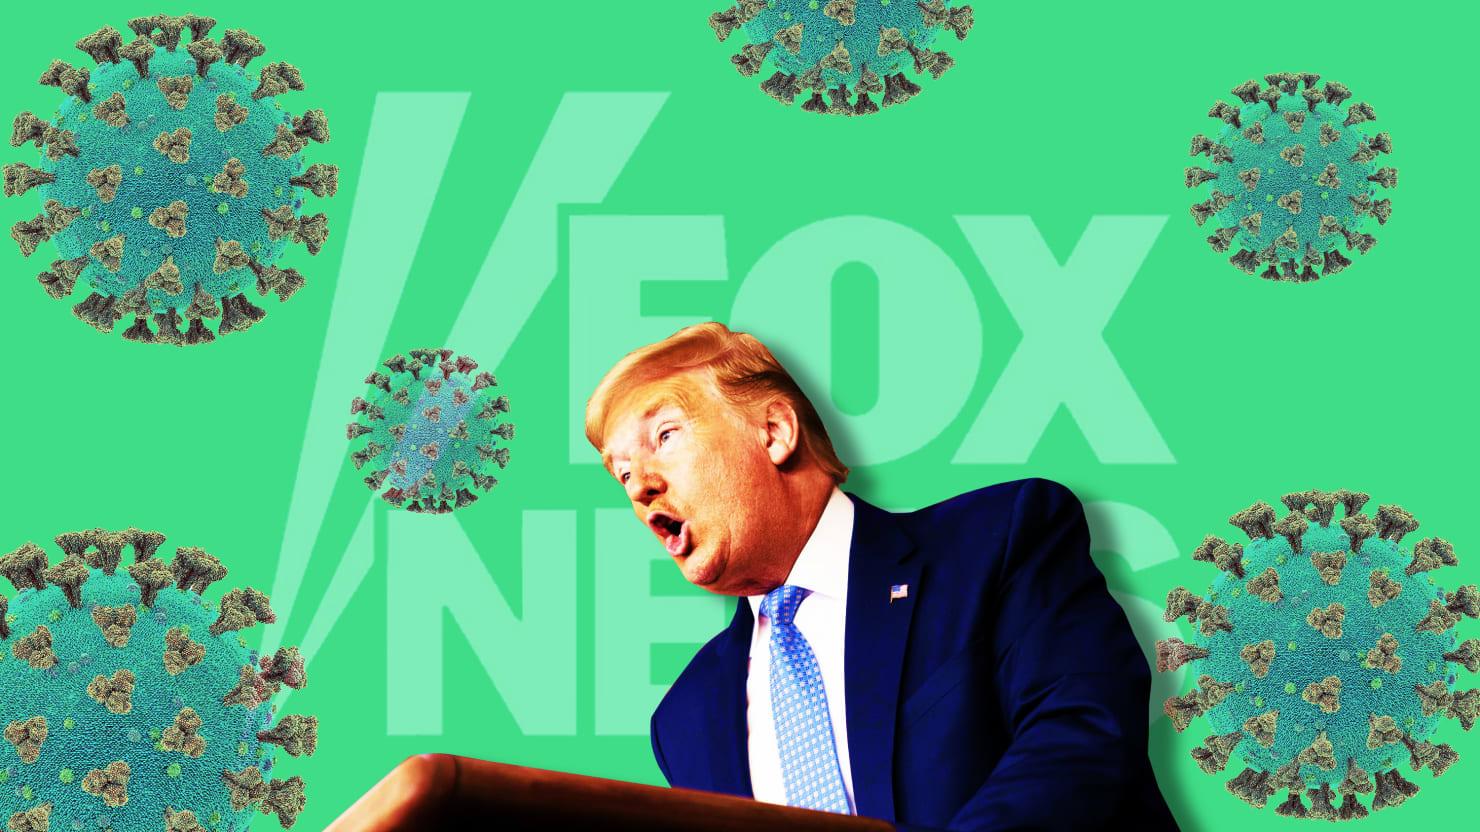 'Hoax' Is So Last Week. Now Fox Praises Trump for Virus Emergency.